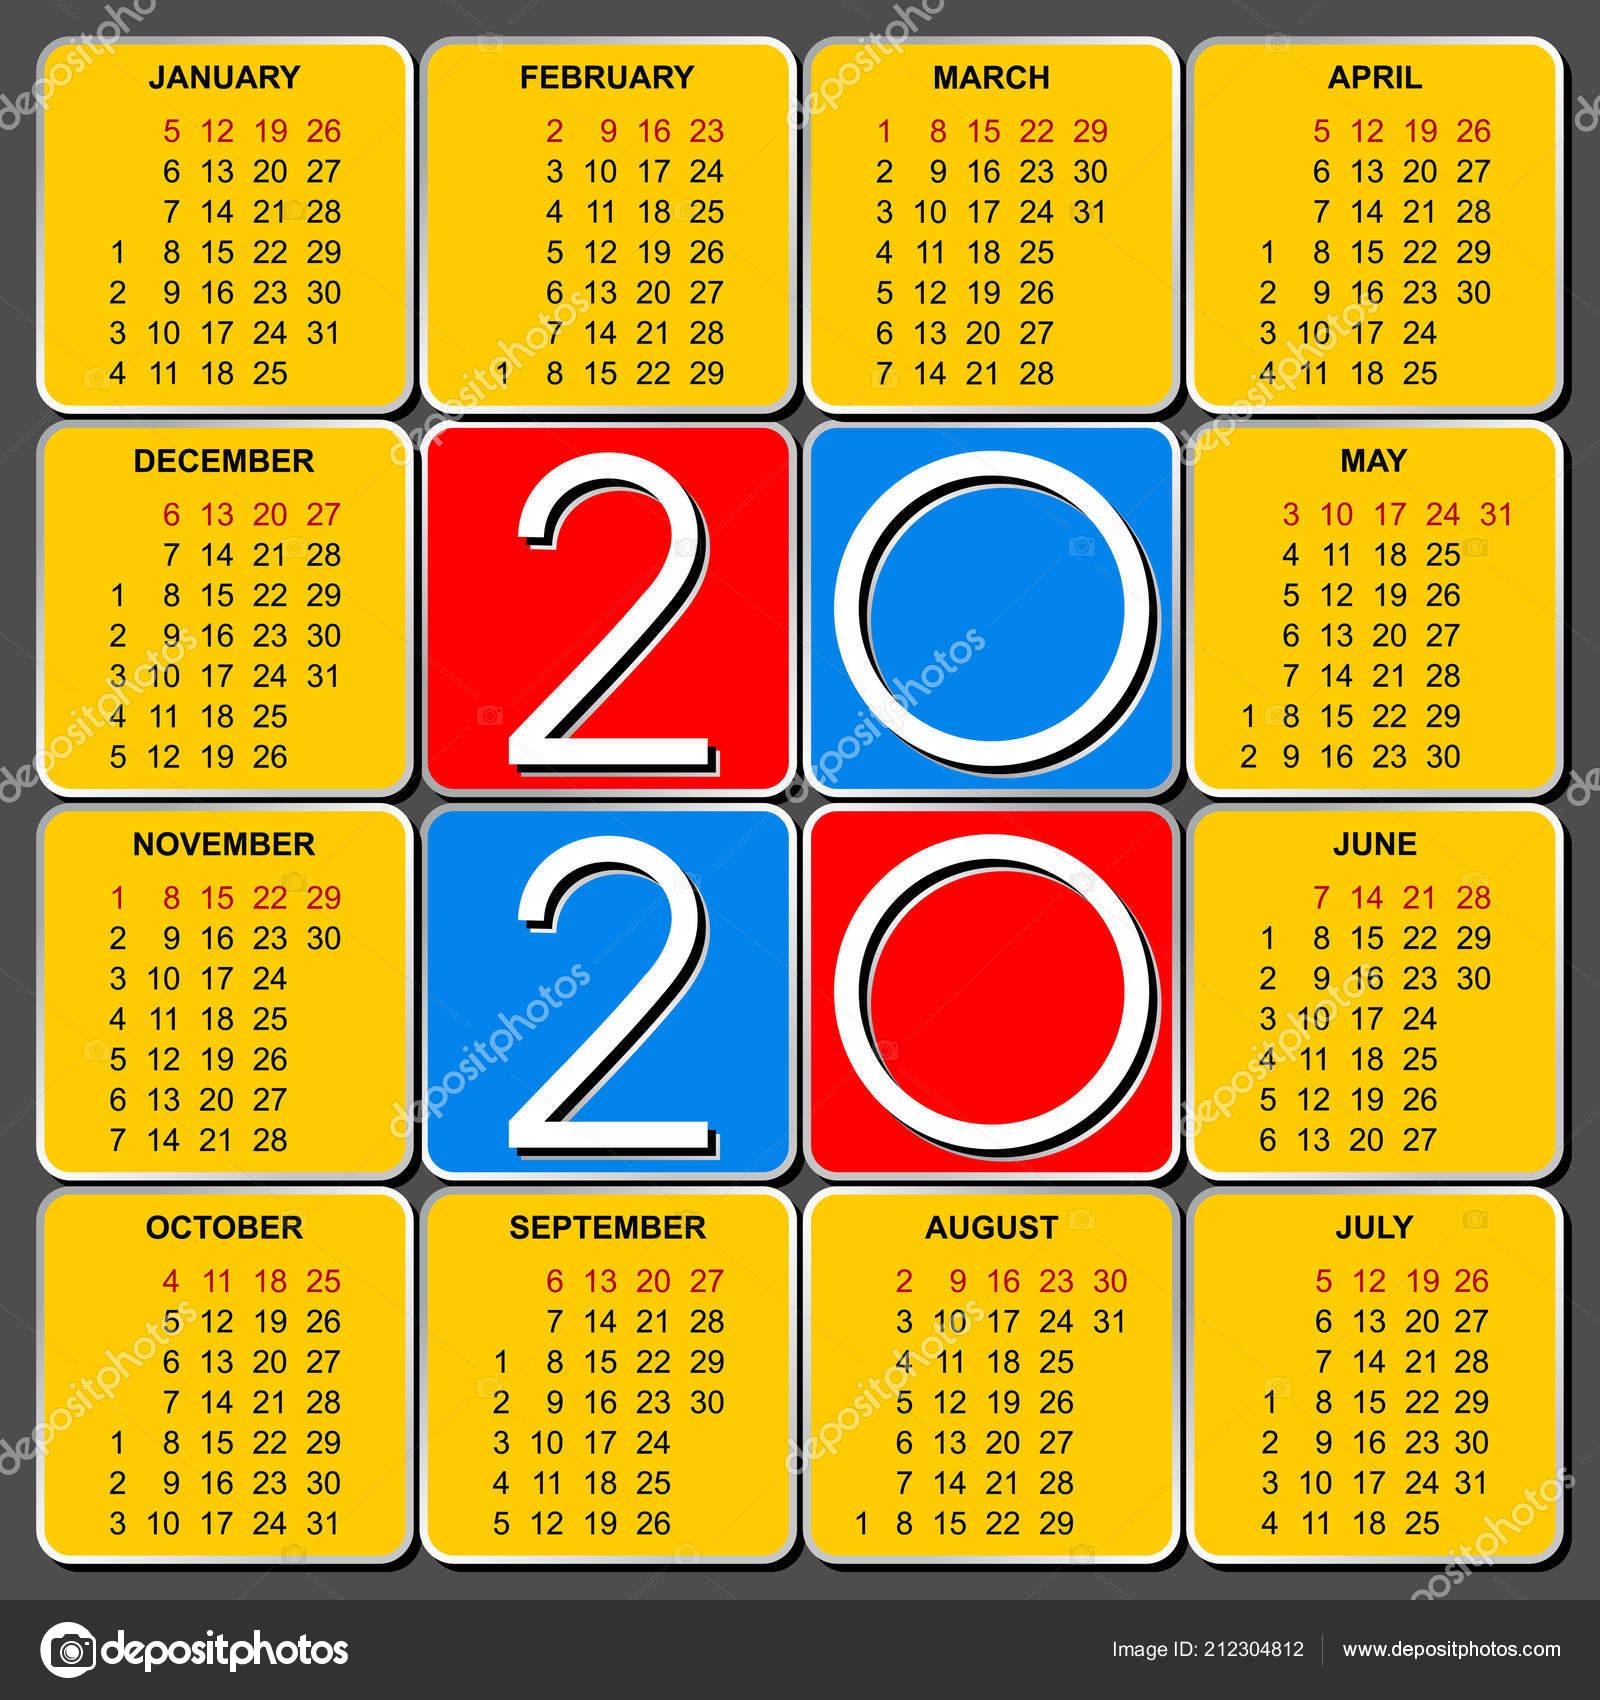 Шаблон Американский Календарную Сетку 2020 Векторе with Wincalendar April 2020